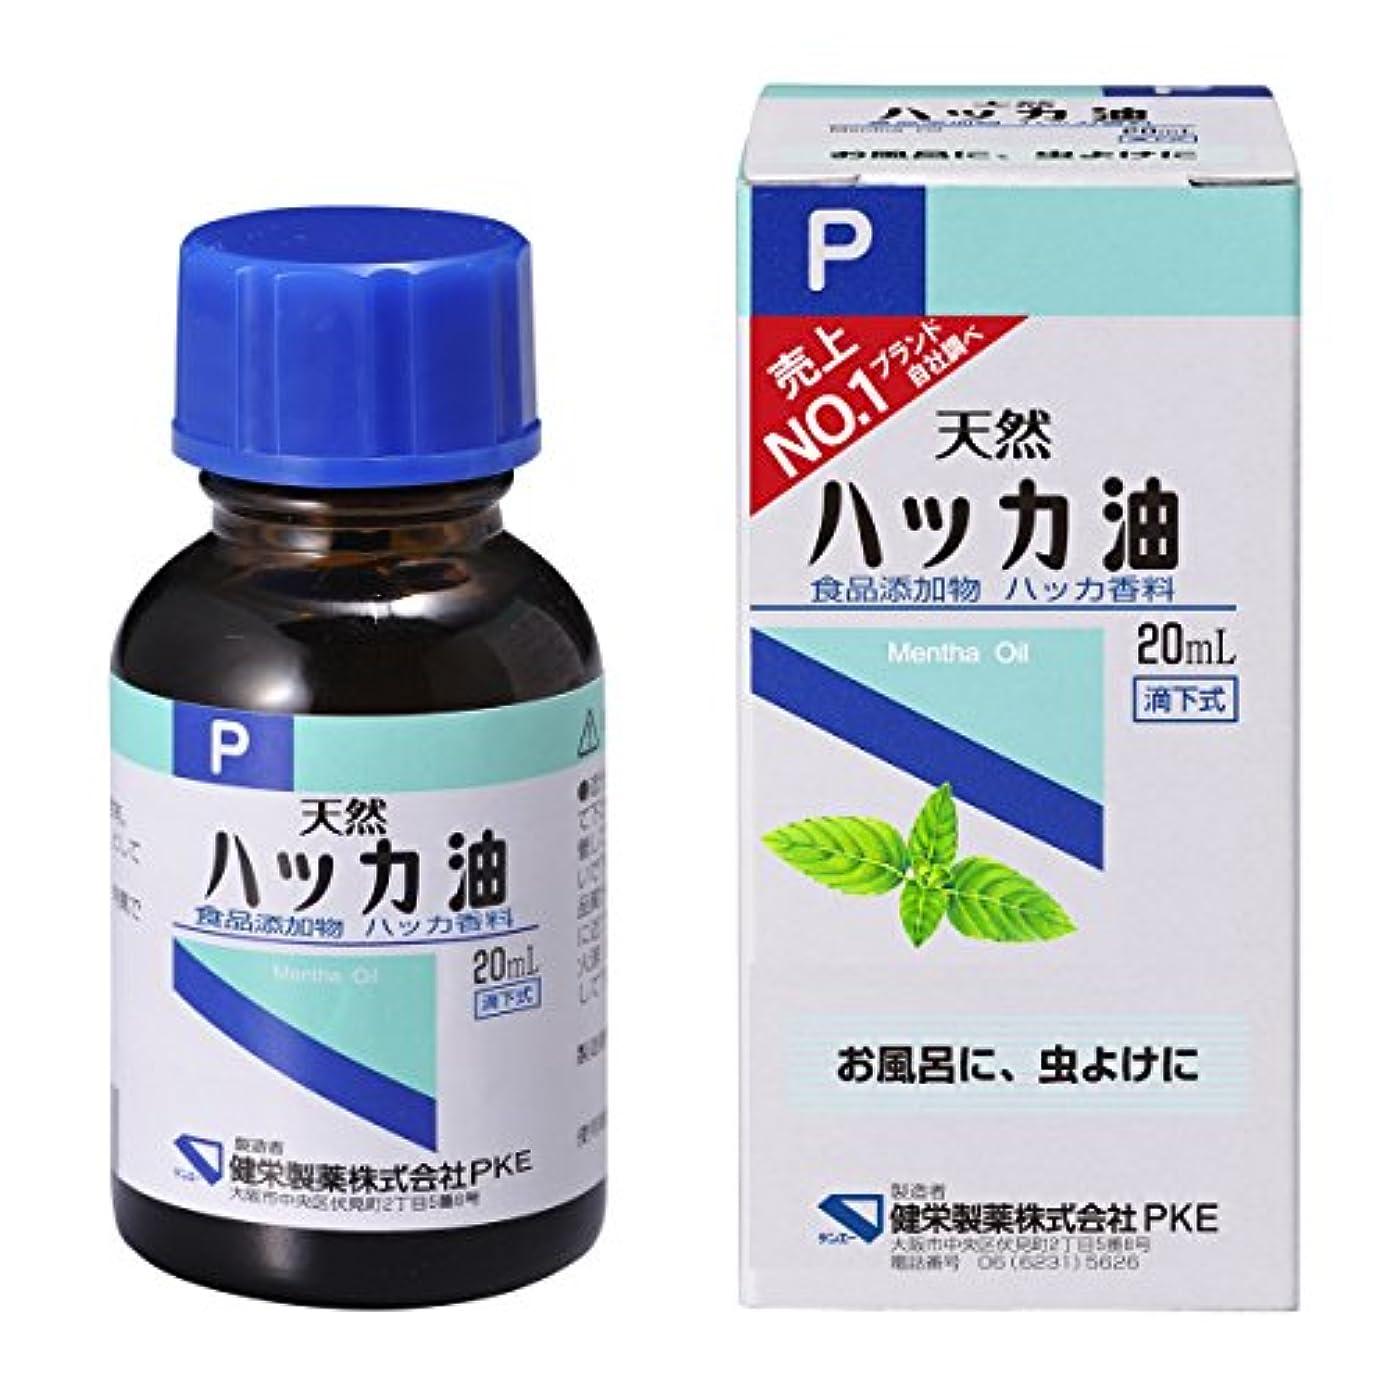 宇宙船効果歯痛【食品添加物】ハッカ油P 20ml(アロマ?お風呂?虫よけ)